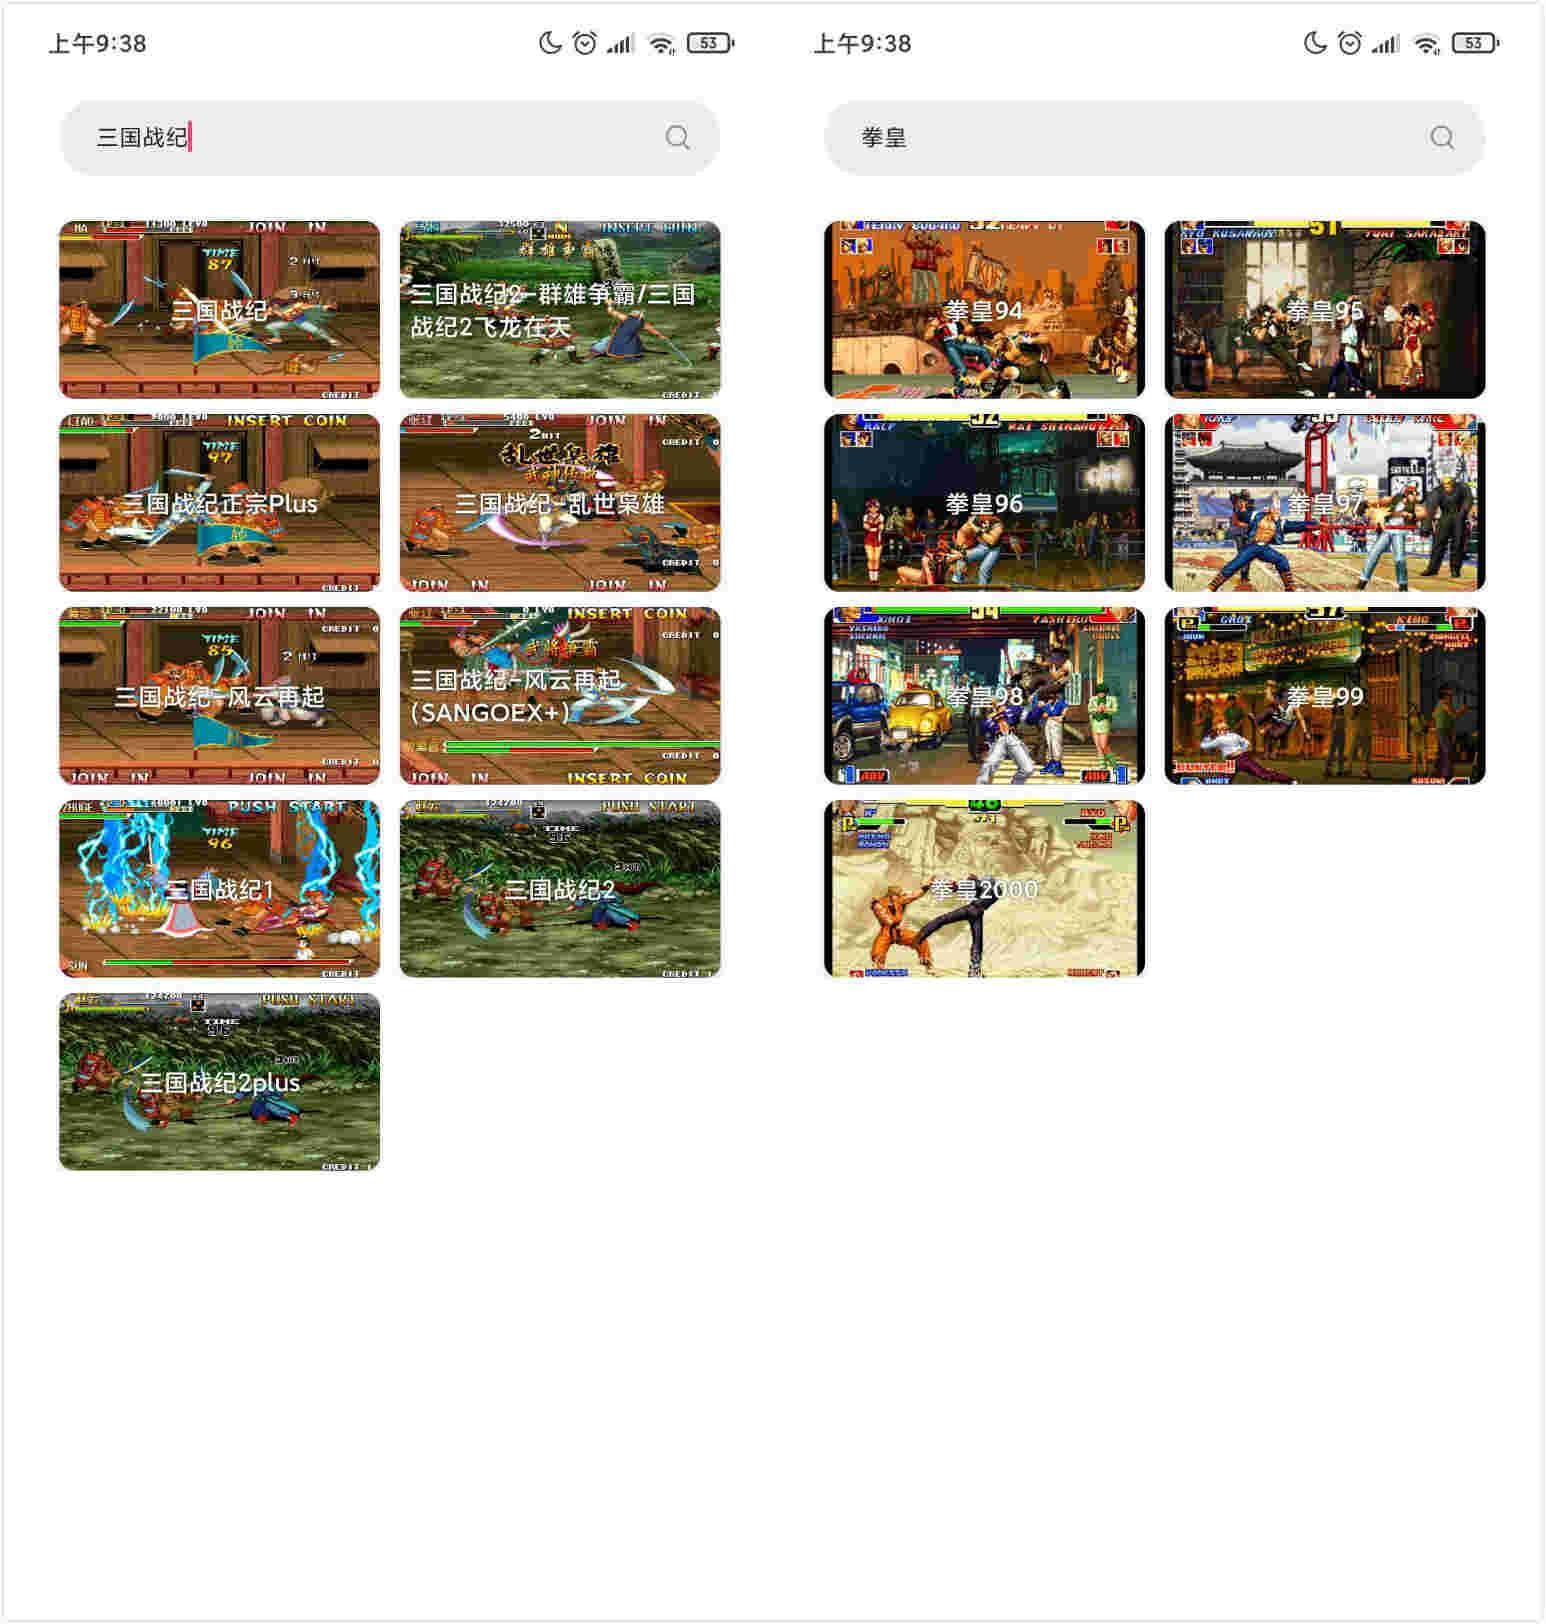 JQ街机v3.0,里面有5000多款街机游戏,童年回忆